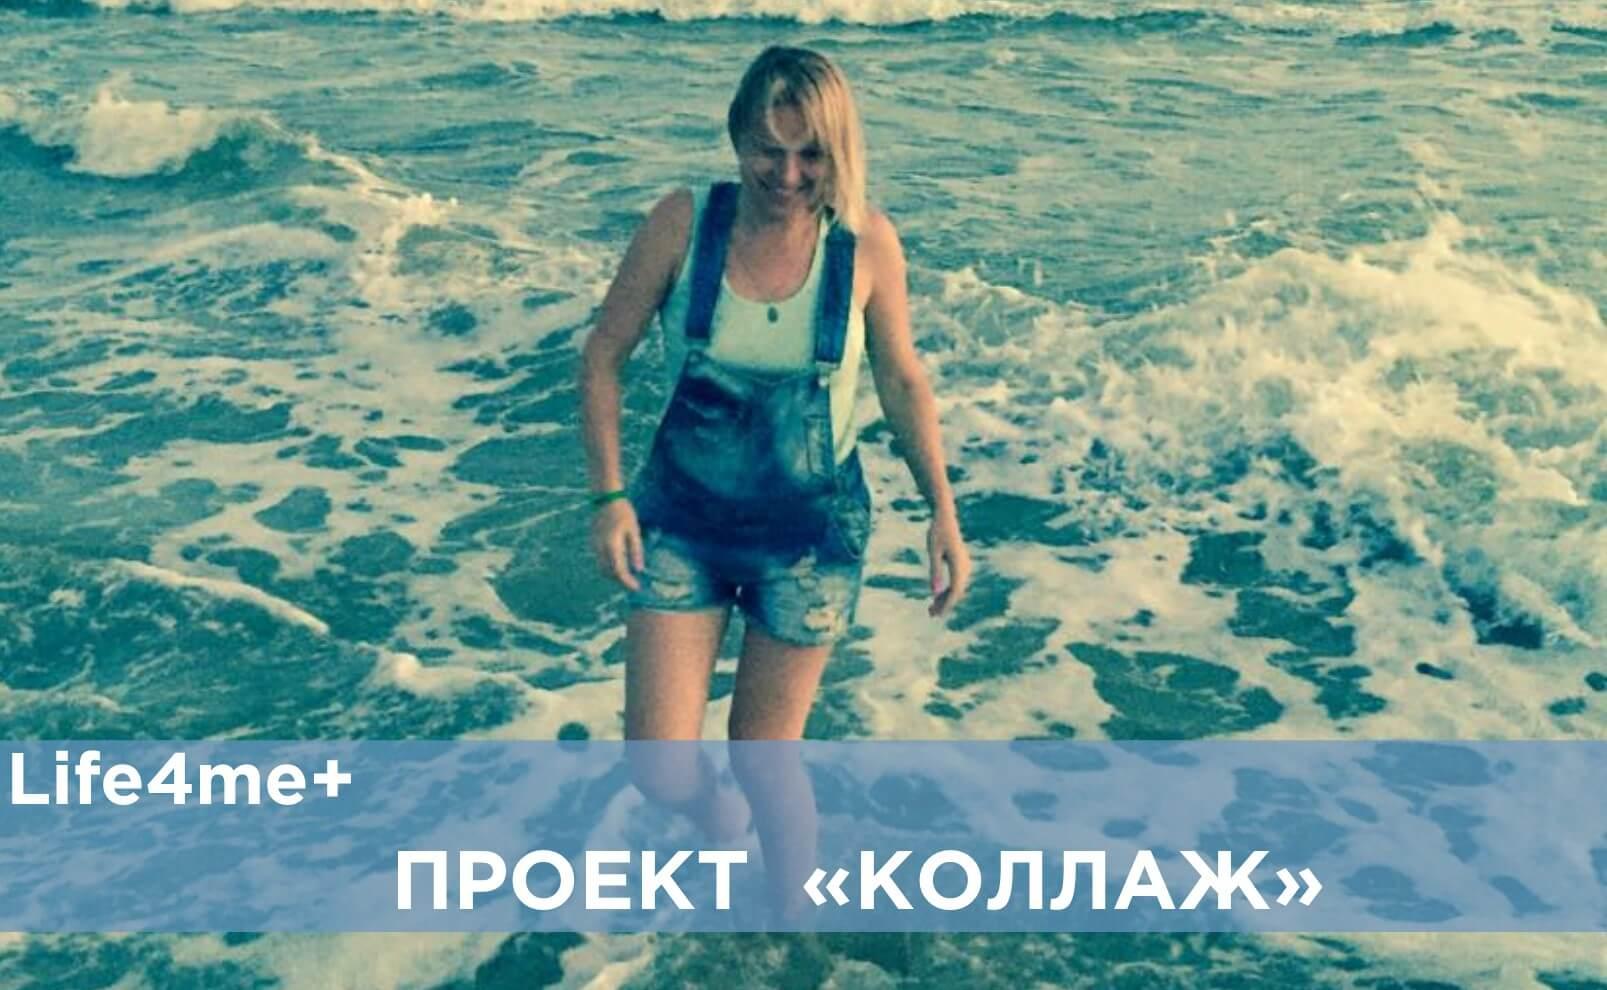 """Коллаж: """"Я одна из тех, кто прошел через две эры в сфере ВИЧ"""", - Светлана Мороз - изображение 1"""